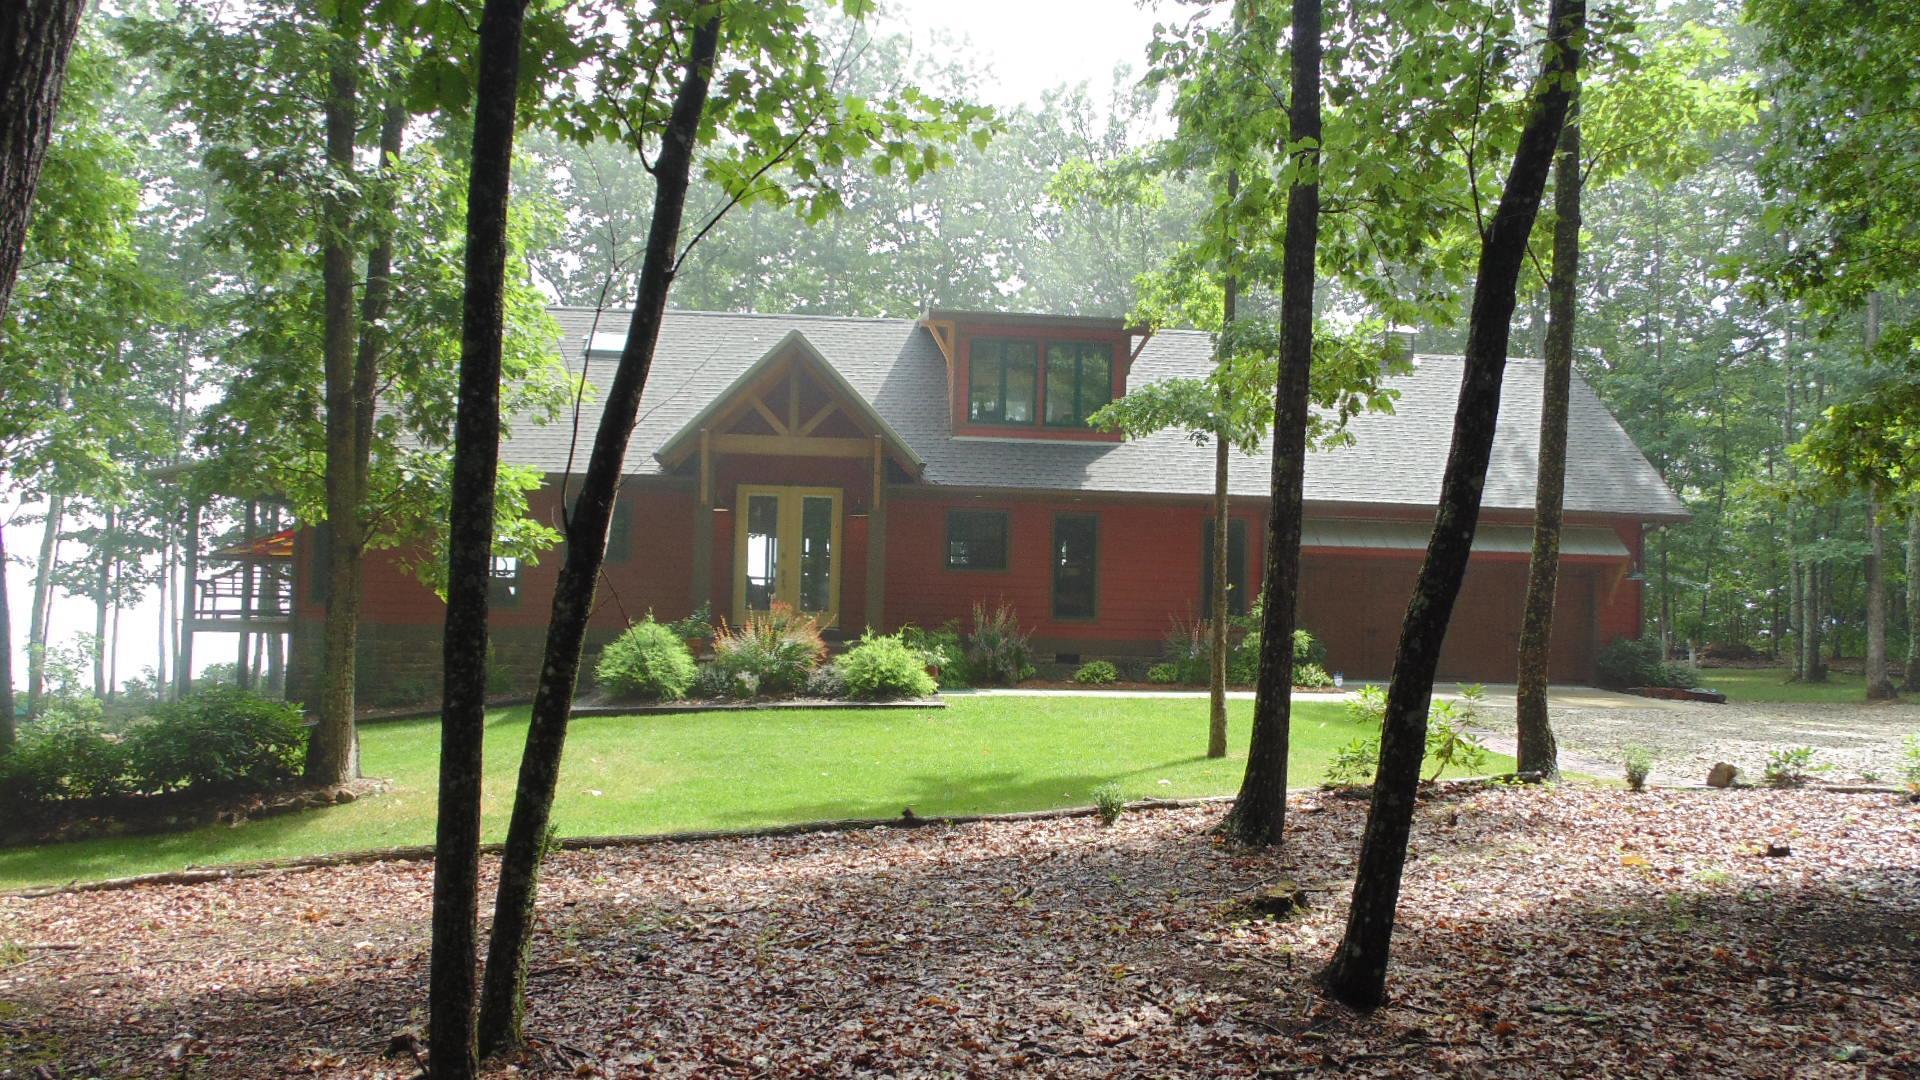 2355 Eagle Bluff Rd, Monteagle, TN 37356 - Monteagle, TN real estate listing